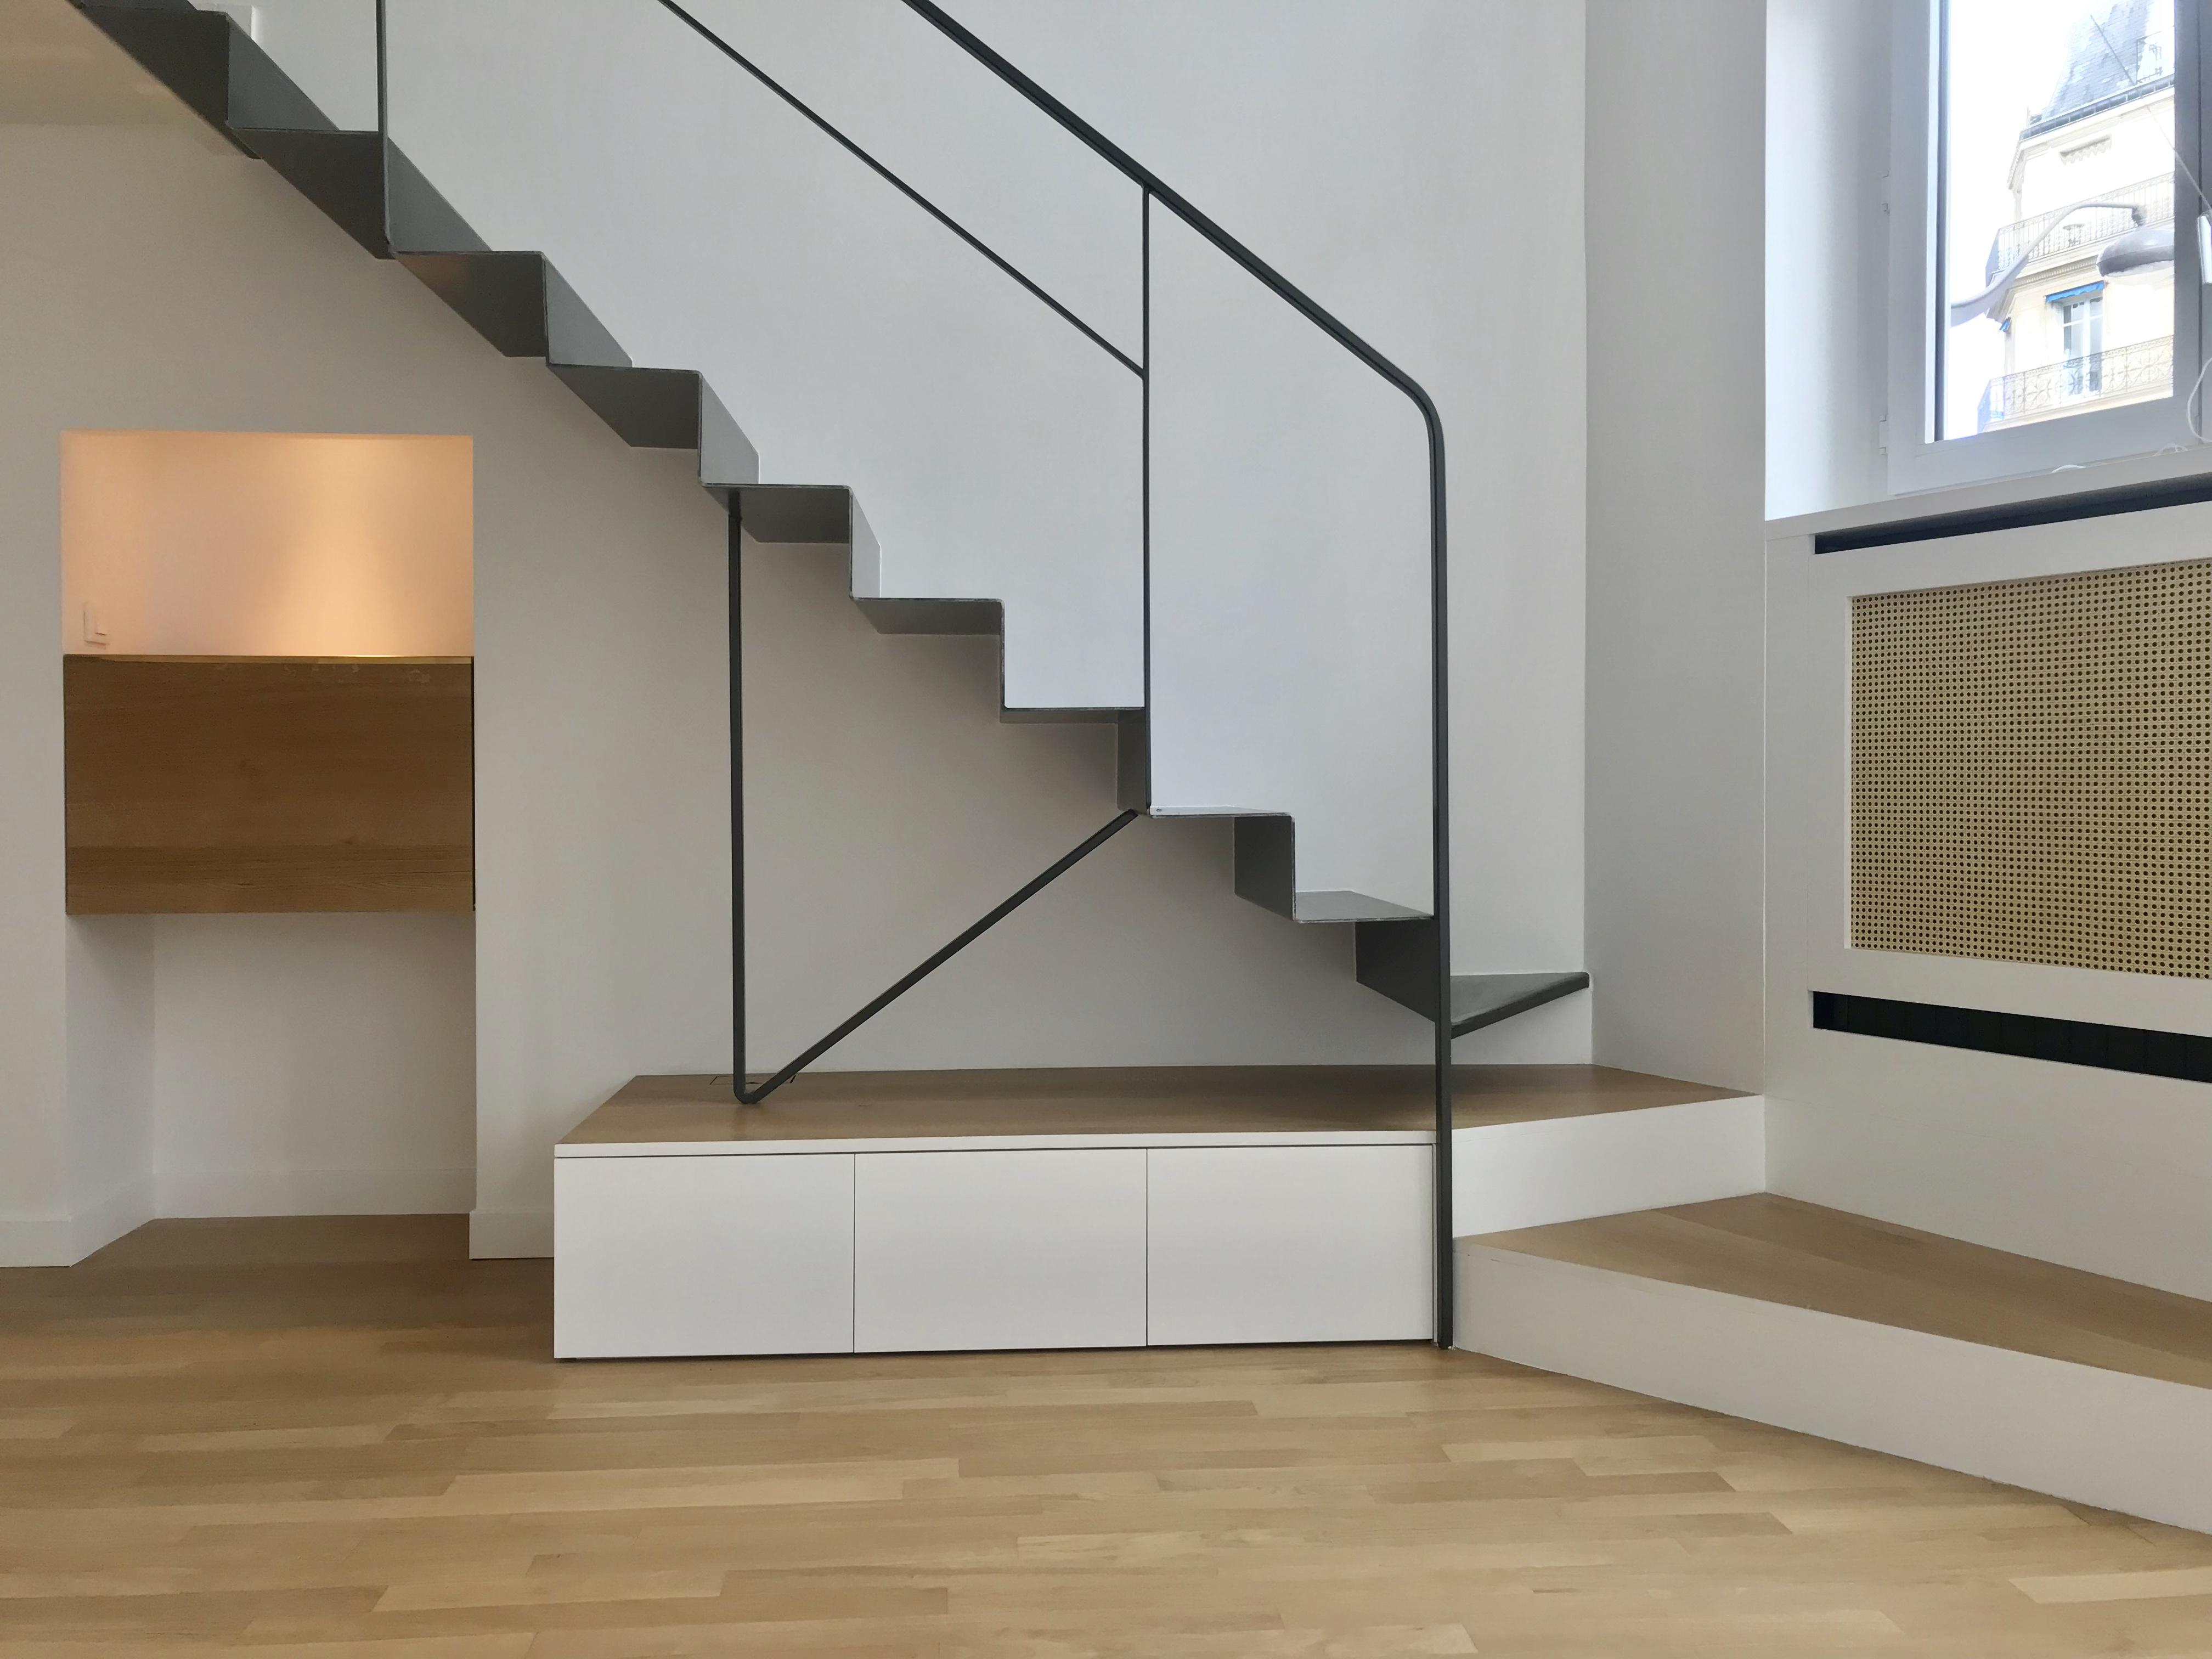 Escalier salon noir